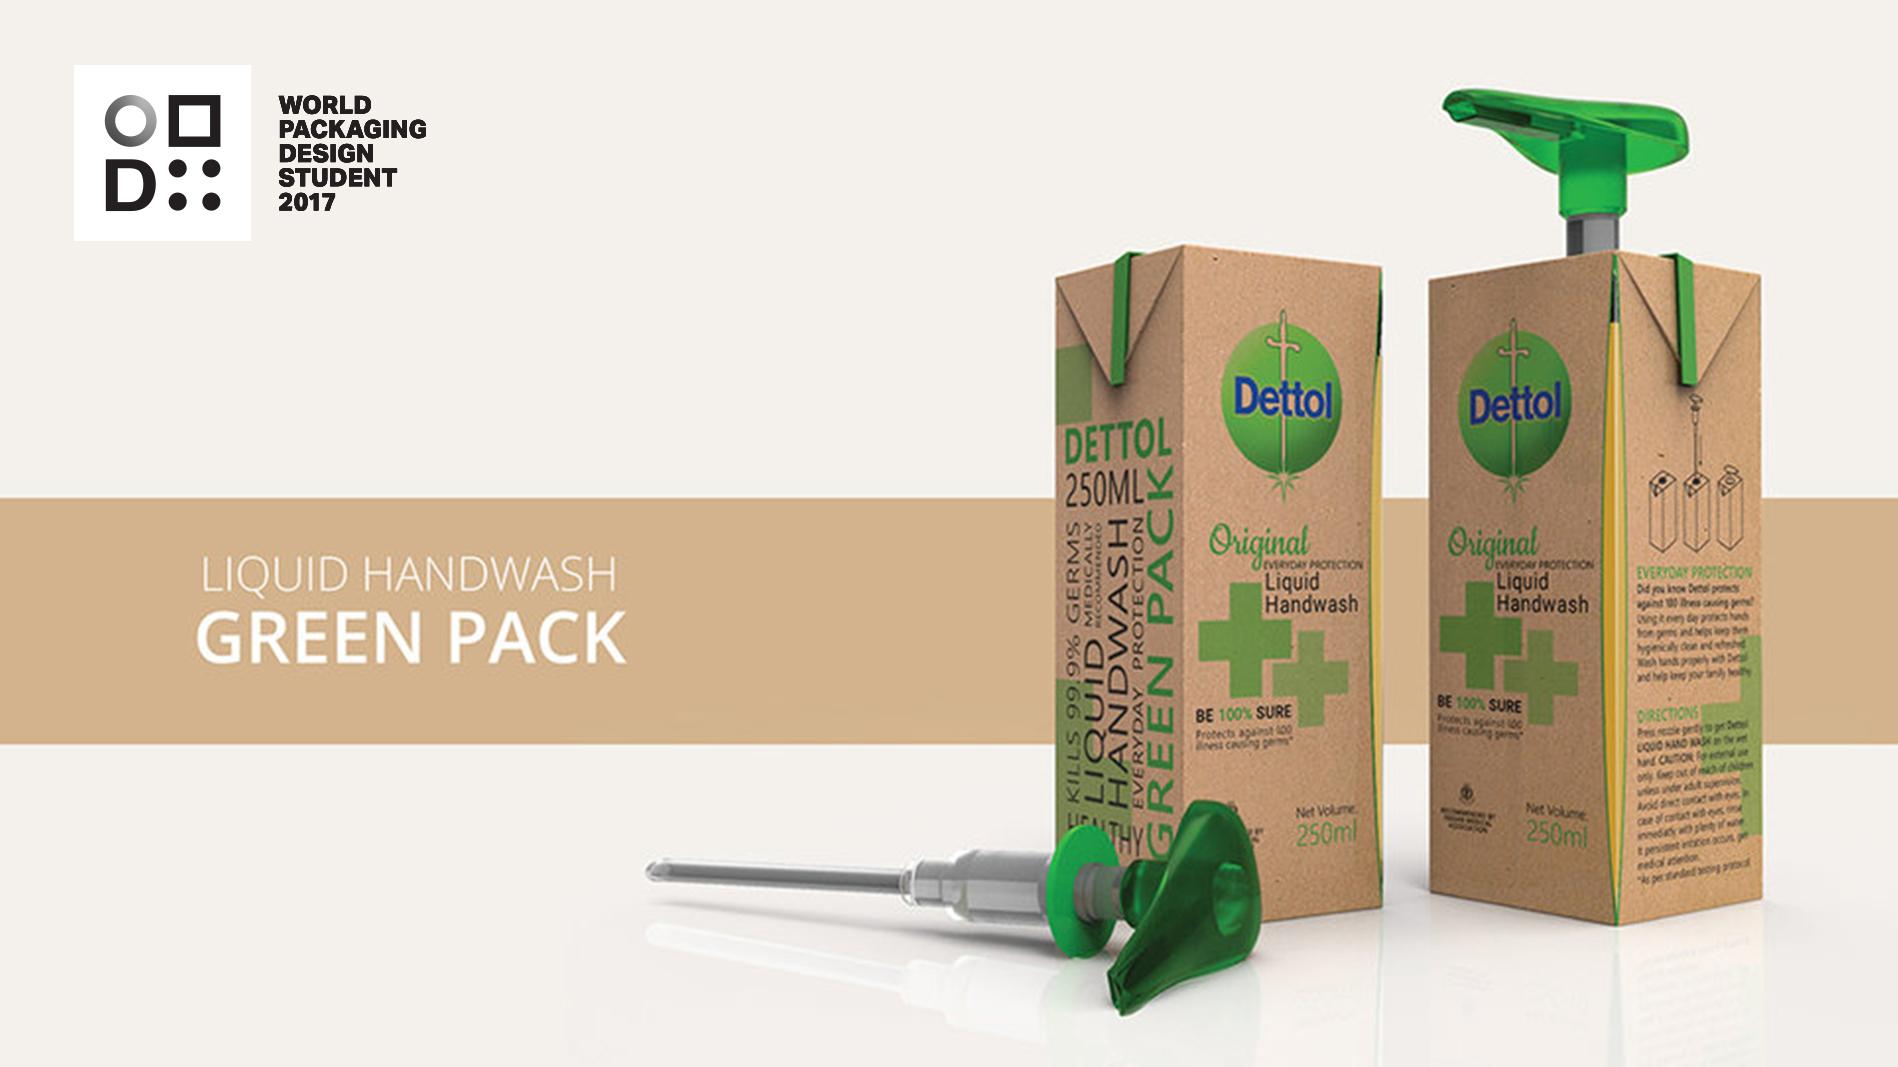 5-akkshit-khattar-world-packaging-design-student.jpg